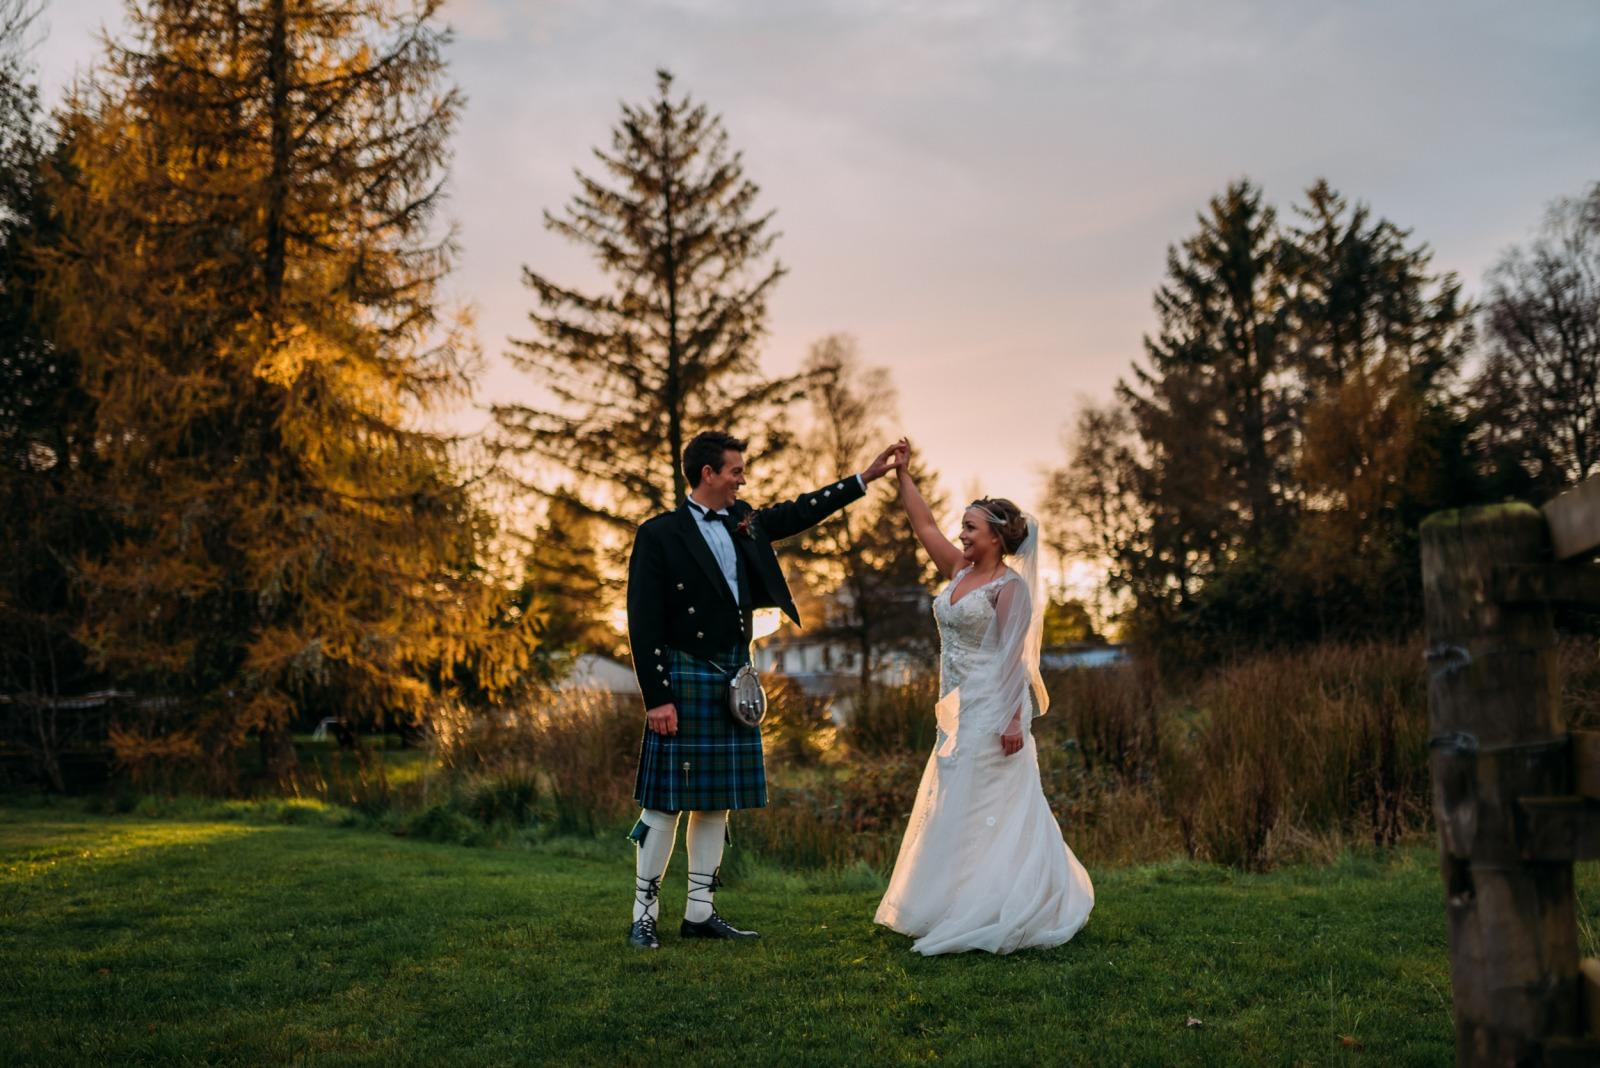 highward-house-wedding-386-of-372